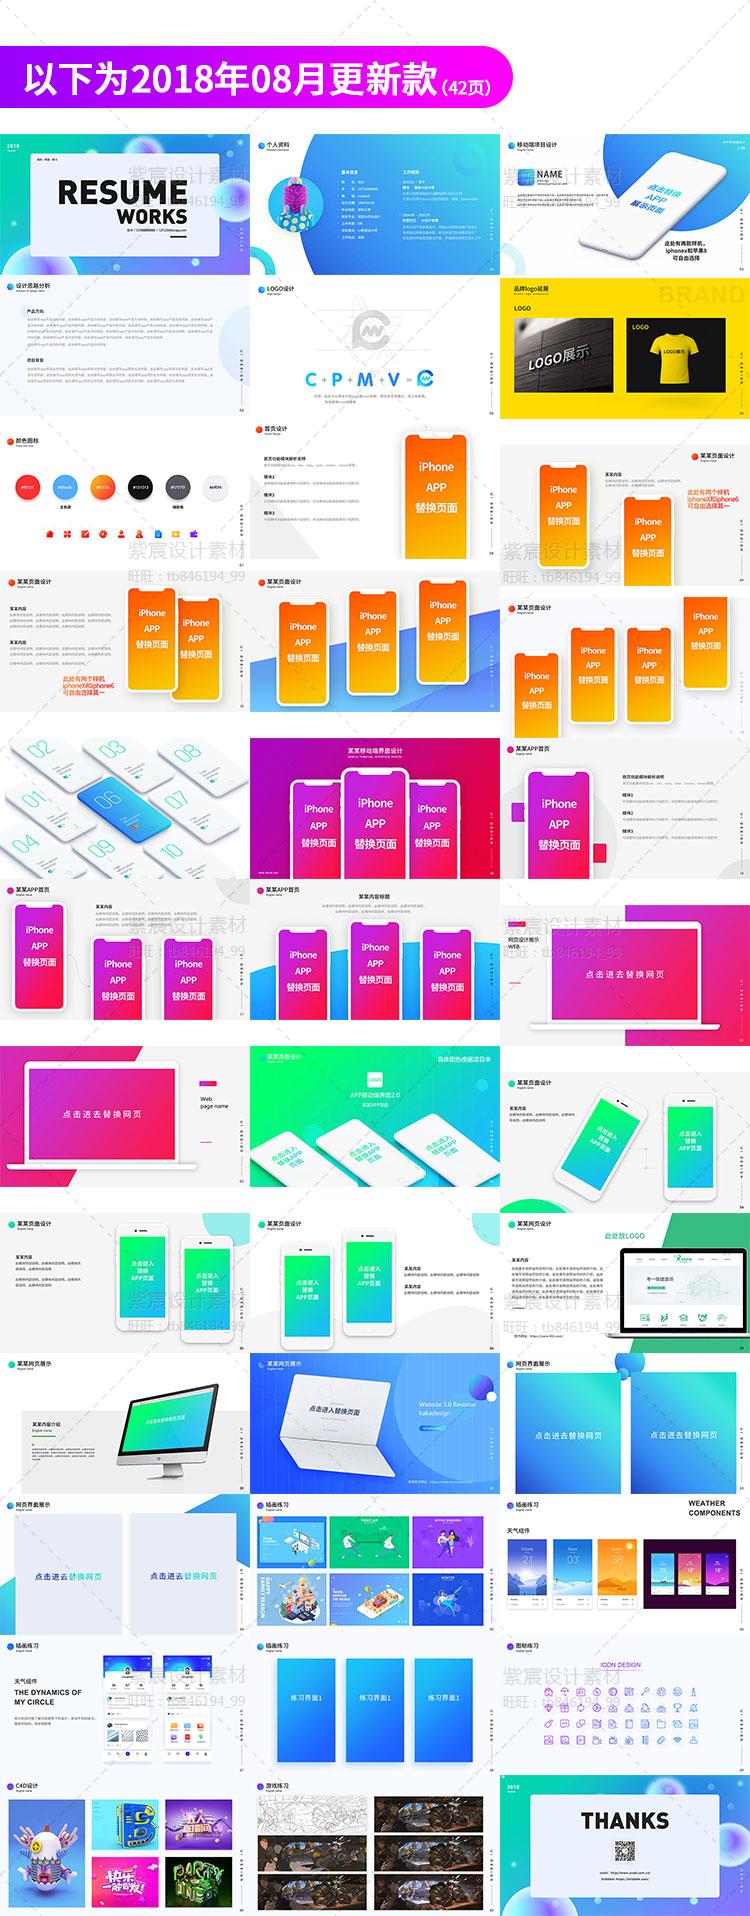 [素材包]UI作品集展示模板网页平面UI设计师作品简历面试PSD设计素材 素材包-第2张